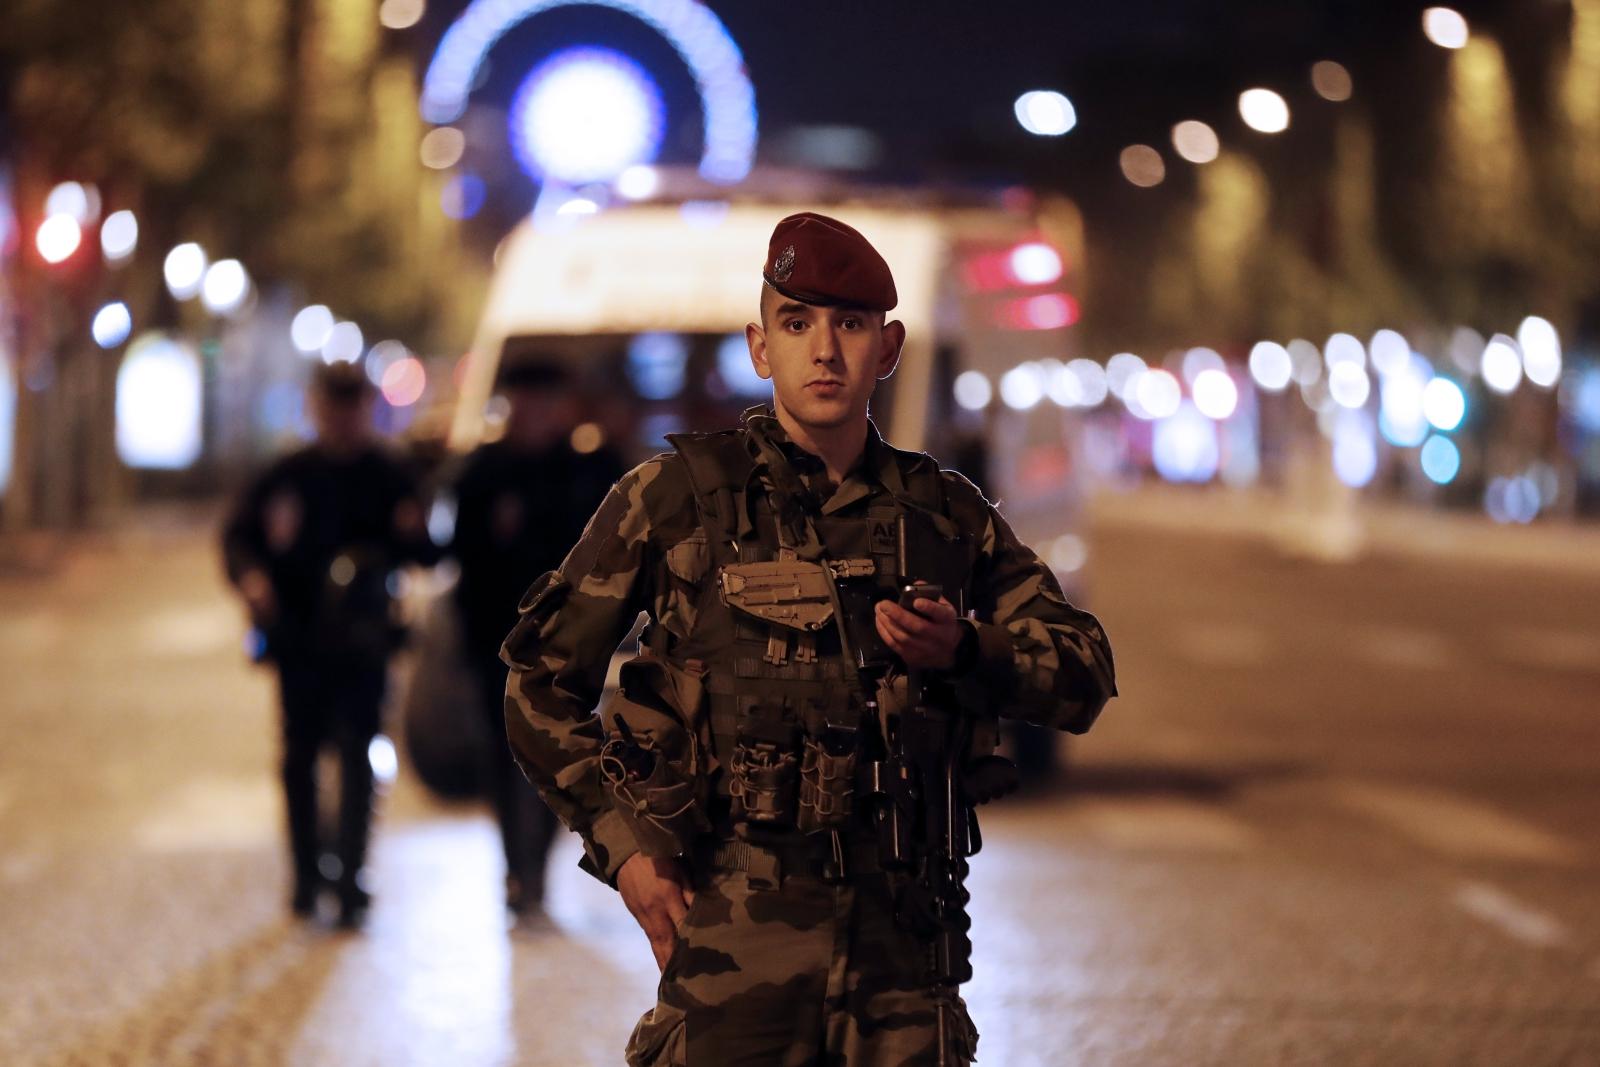 Strzelanina w Paryżu. Dwóch policjantów i zamachowiec nie żyją. Fot. PAP/EPA/ETIENNE LAURENT